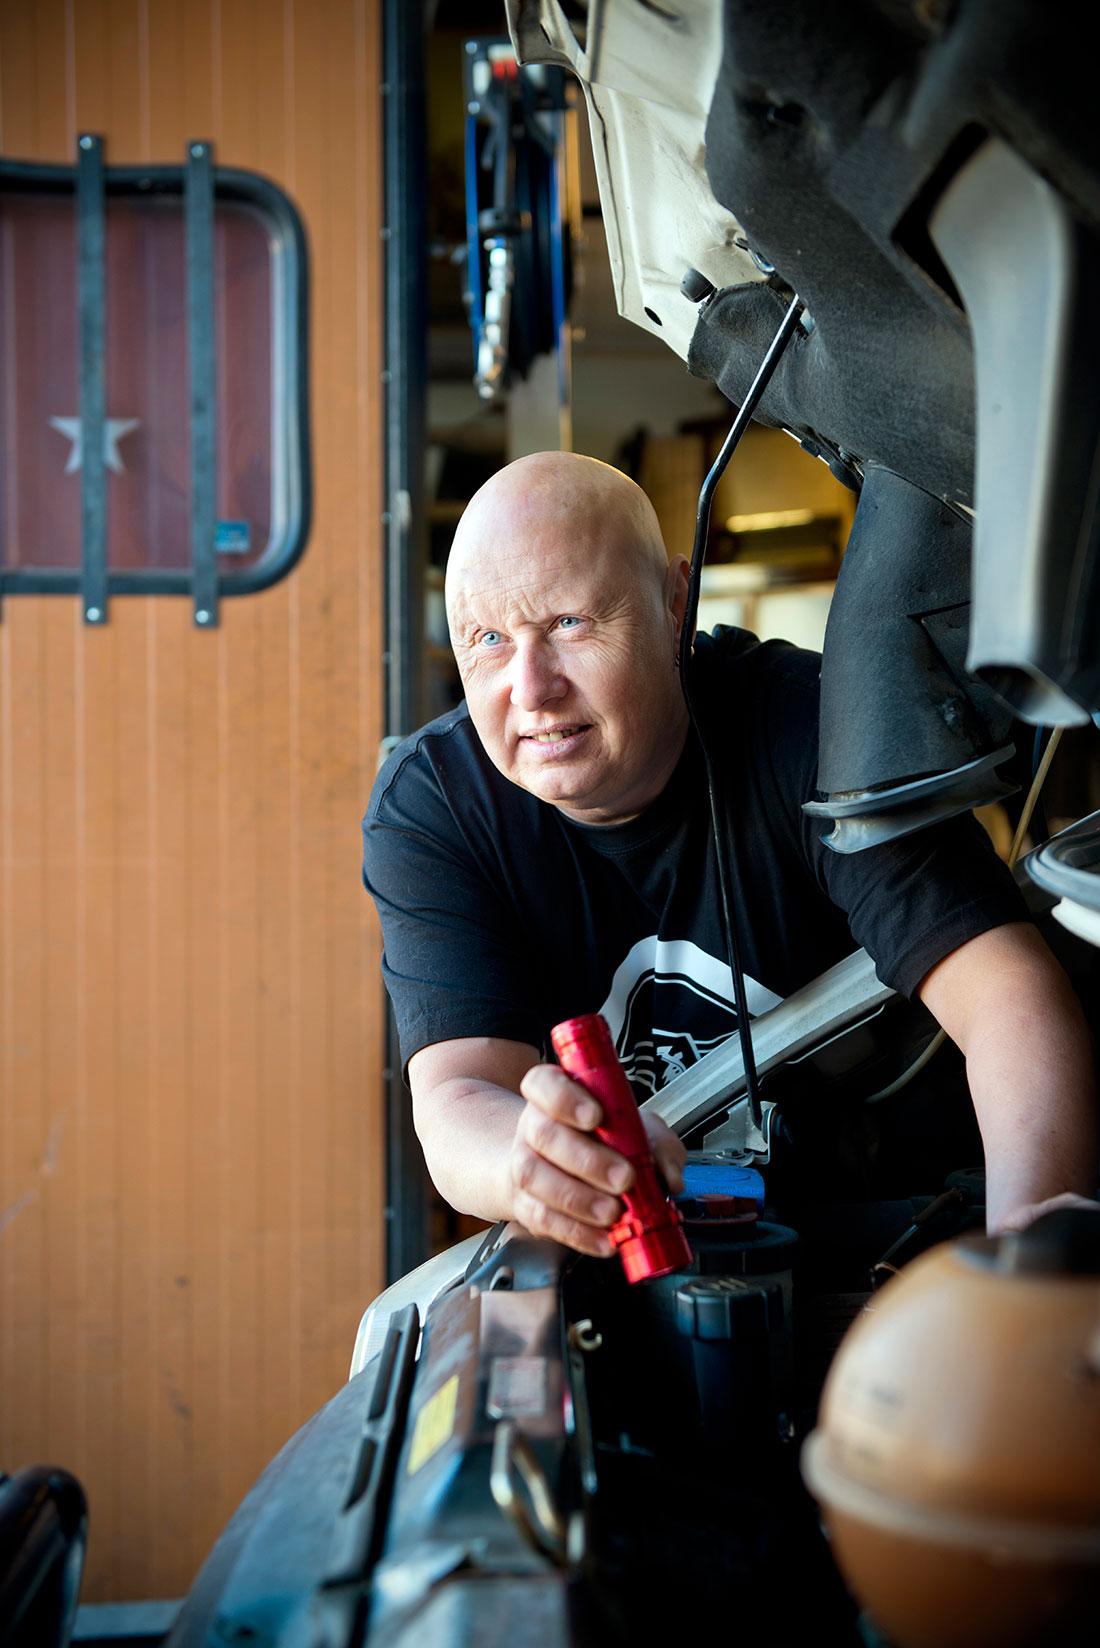 """Örjan Kullh fann vägen tillbaka via Stjernans bilverkstad i Örebro. Han är i dag """"attitydambassadör"""" för organisationen Hjärnkoll, som bland annat utbildar skyddsombud om psykosocial arbetsmiljö. Foto: Ulla-Carin Ekblom"""